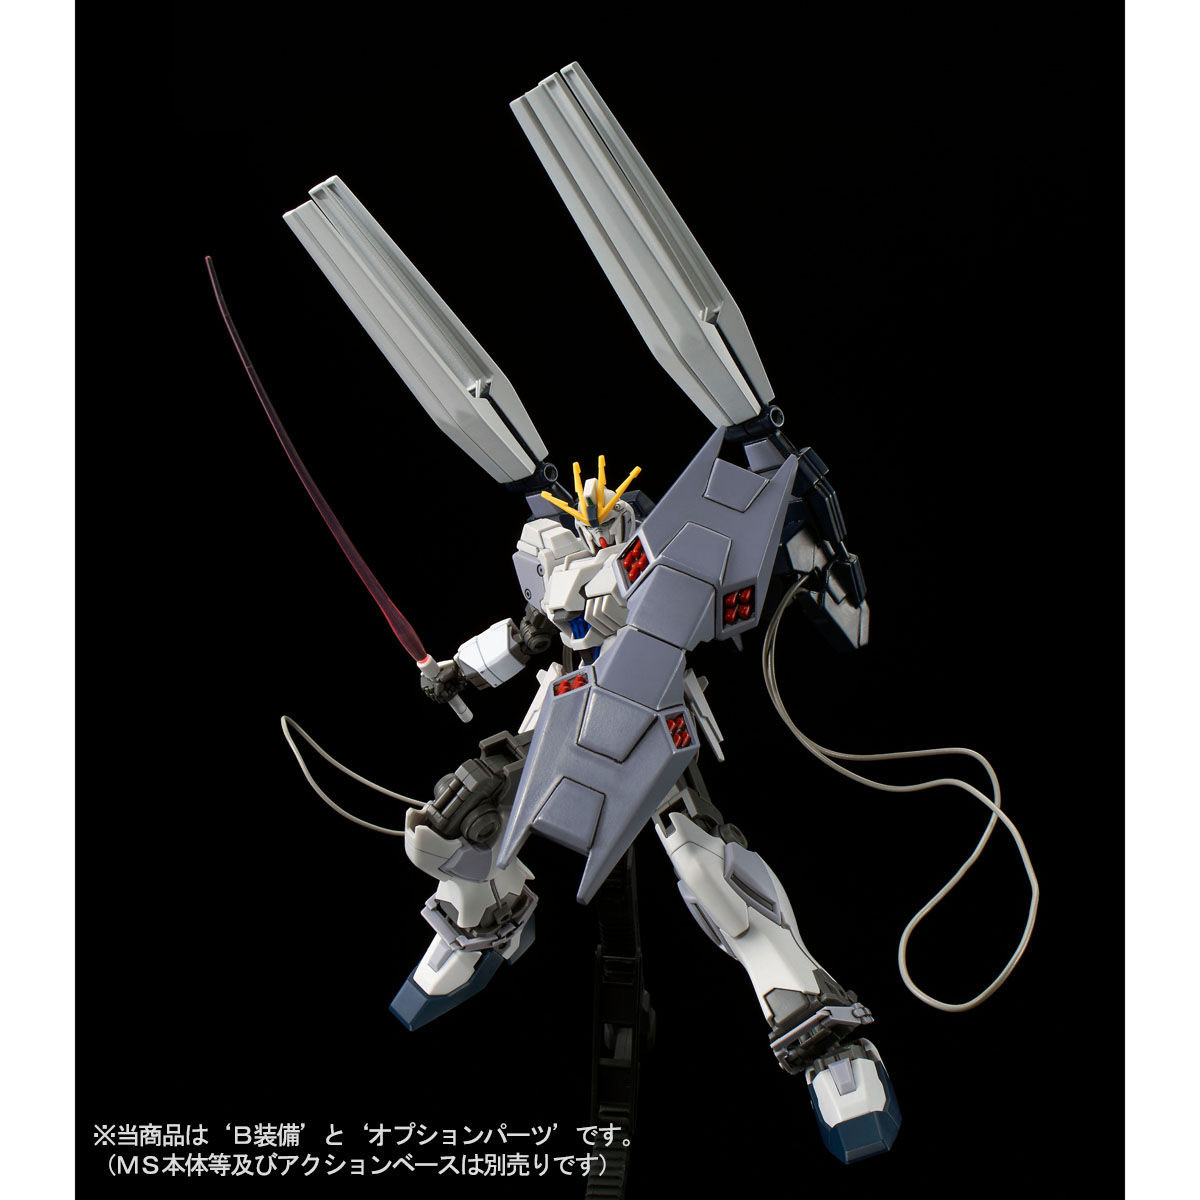 HG 1/144『ナラティブガンダム用 B装備拡張セット』ガンダムNT プラモデル-006